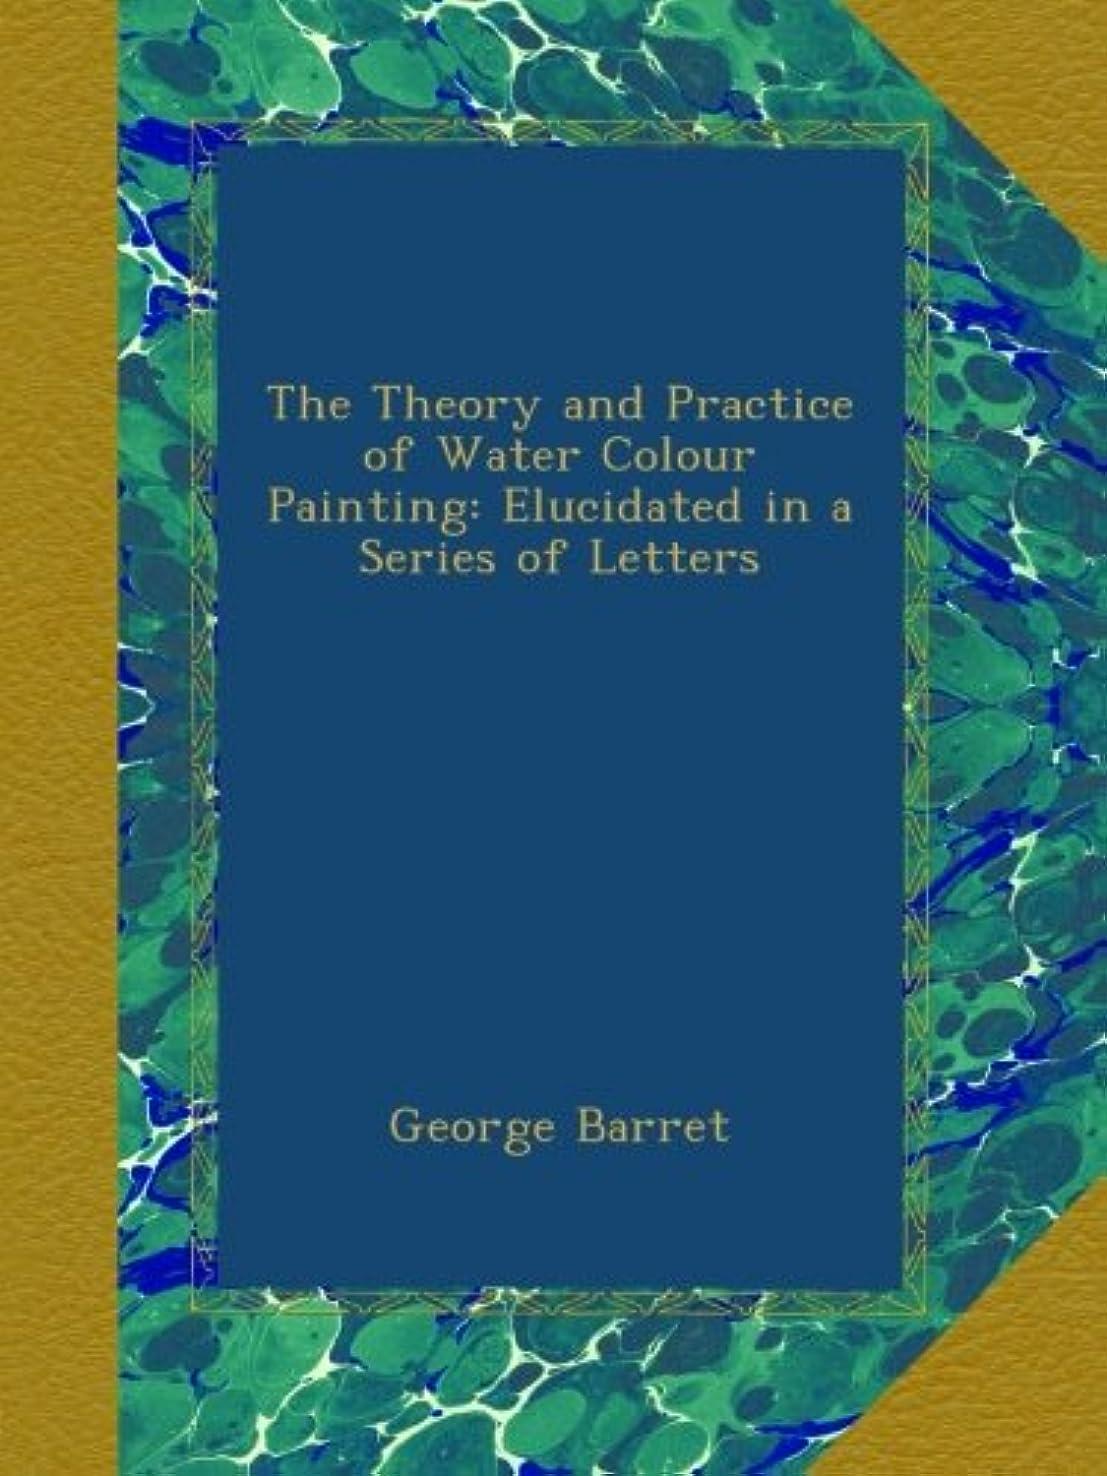 エコー落とし穴風The Theory and Practice of Water Colour Painting: Elucidated in a Series of Letters